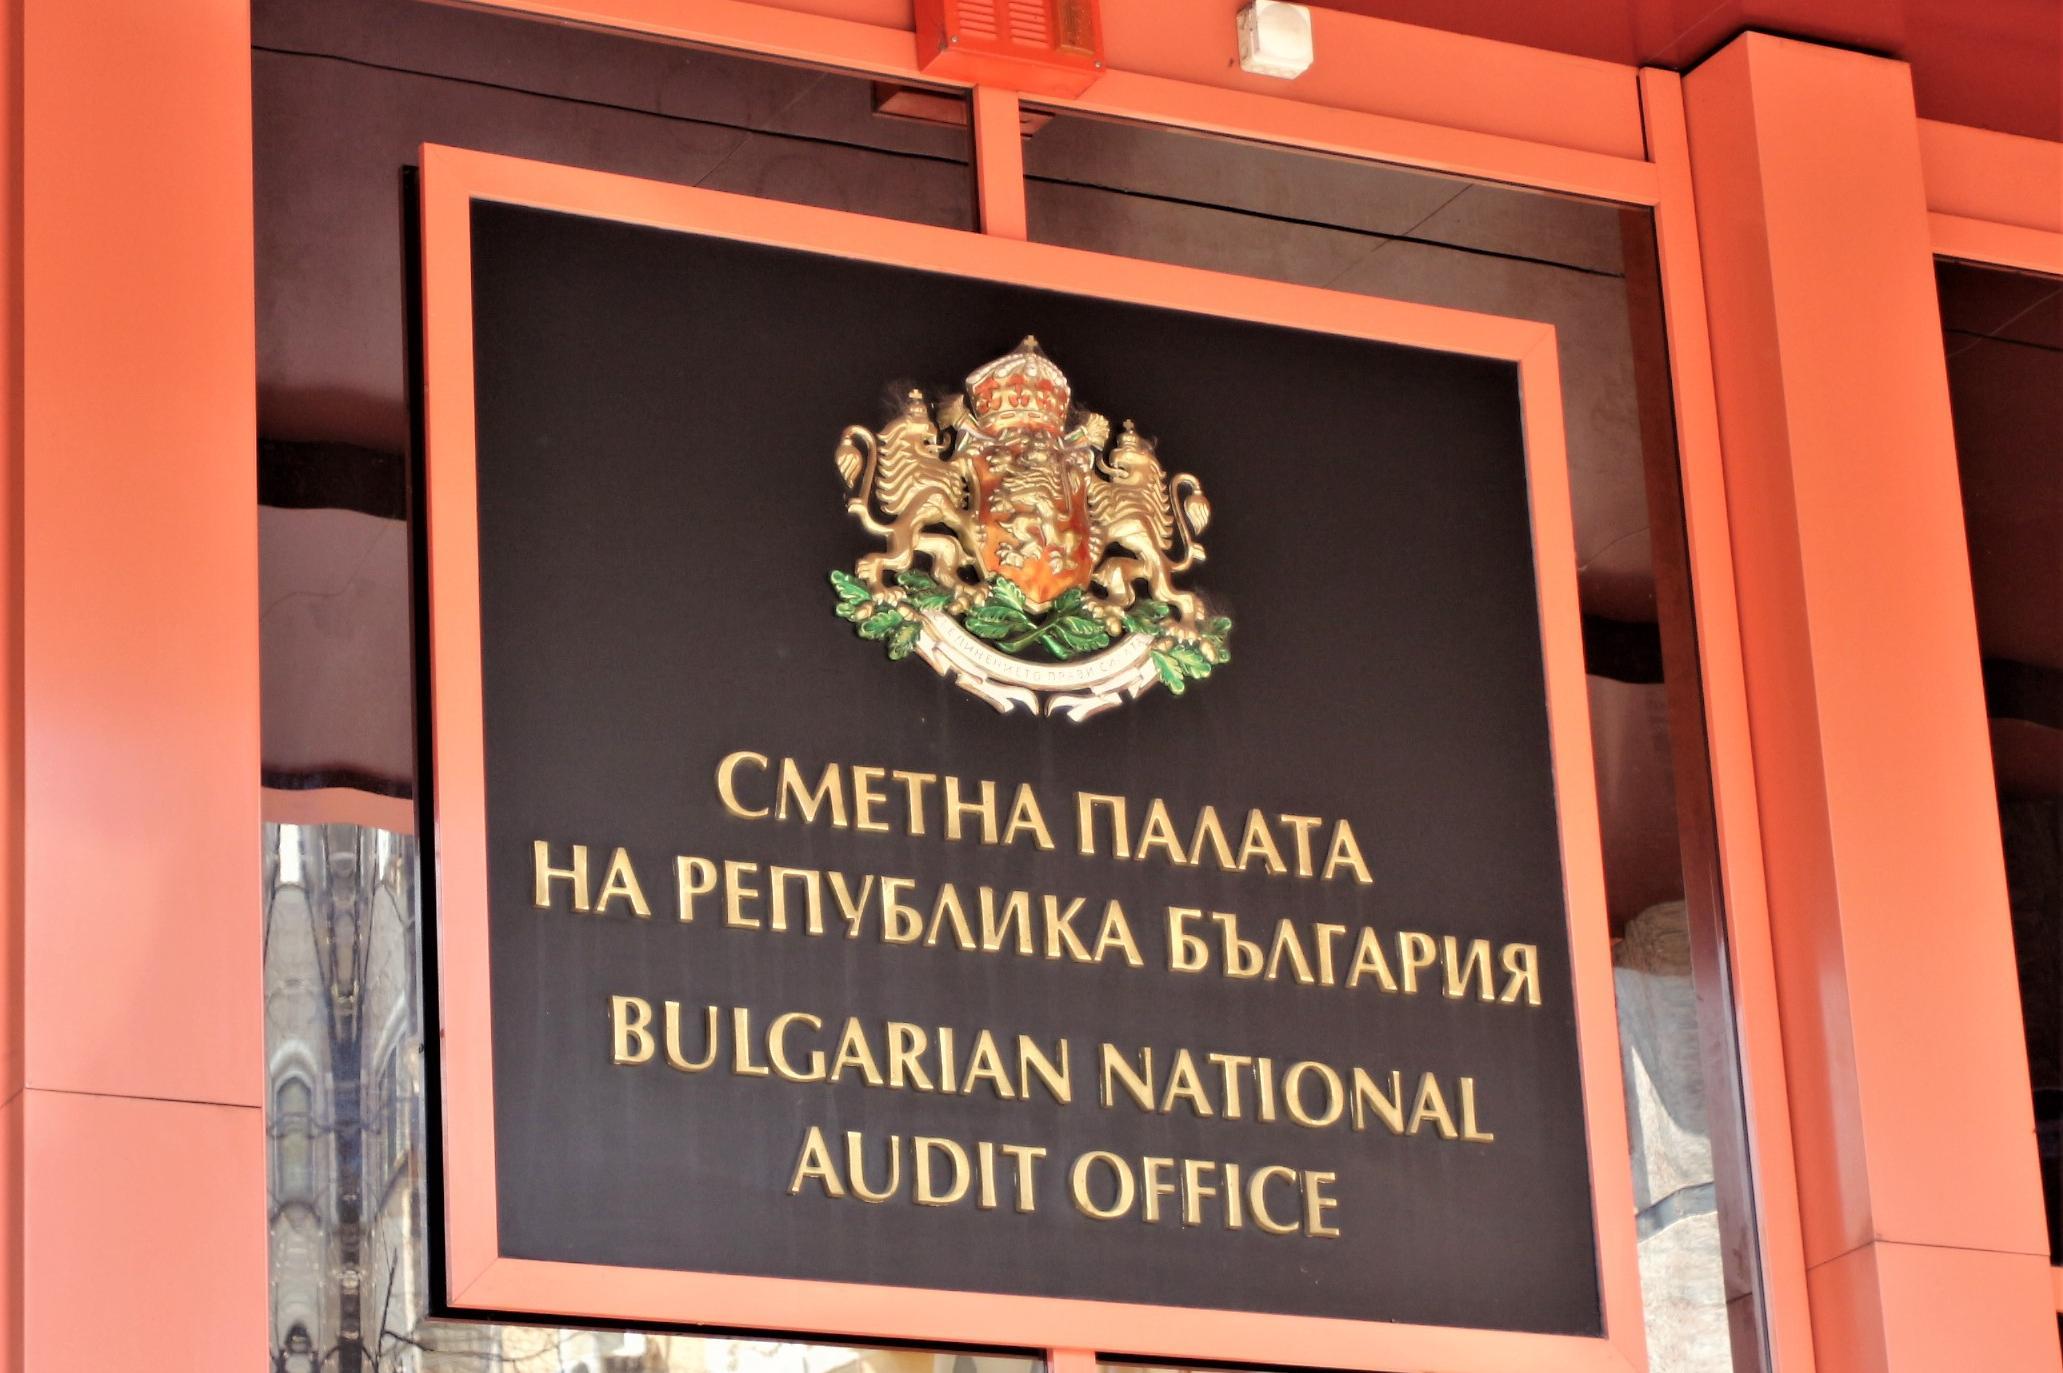 Годишният финансов отчет на Столична община за 2020 г. заверен от Сметната